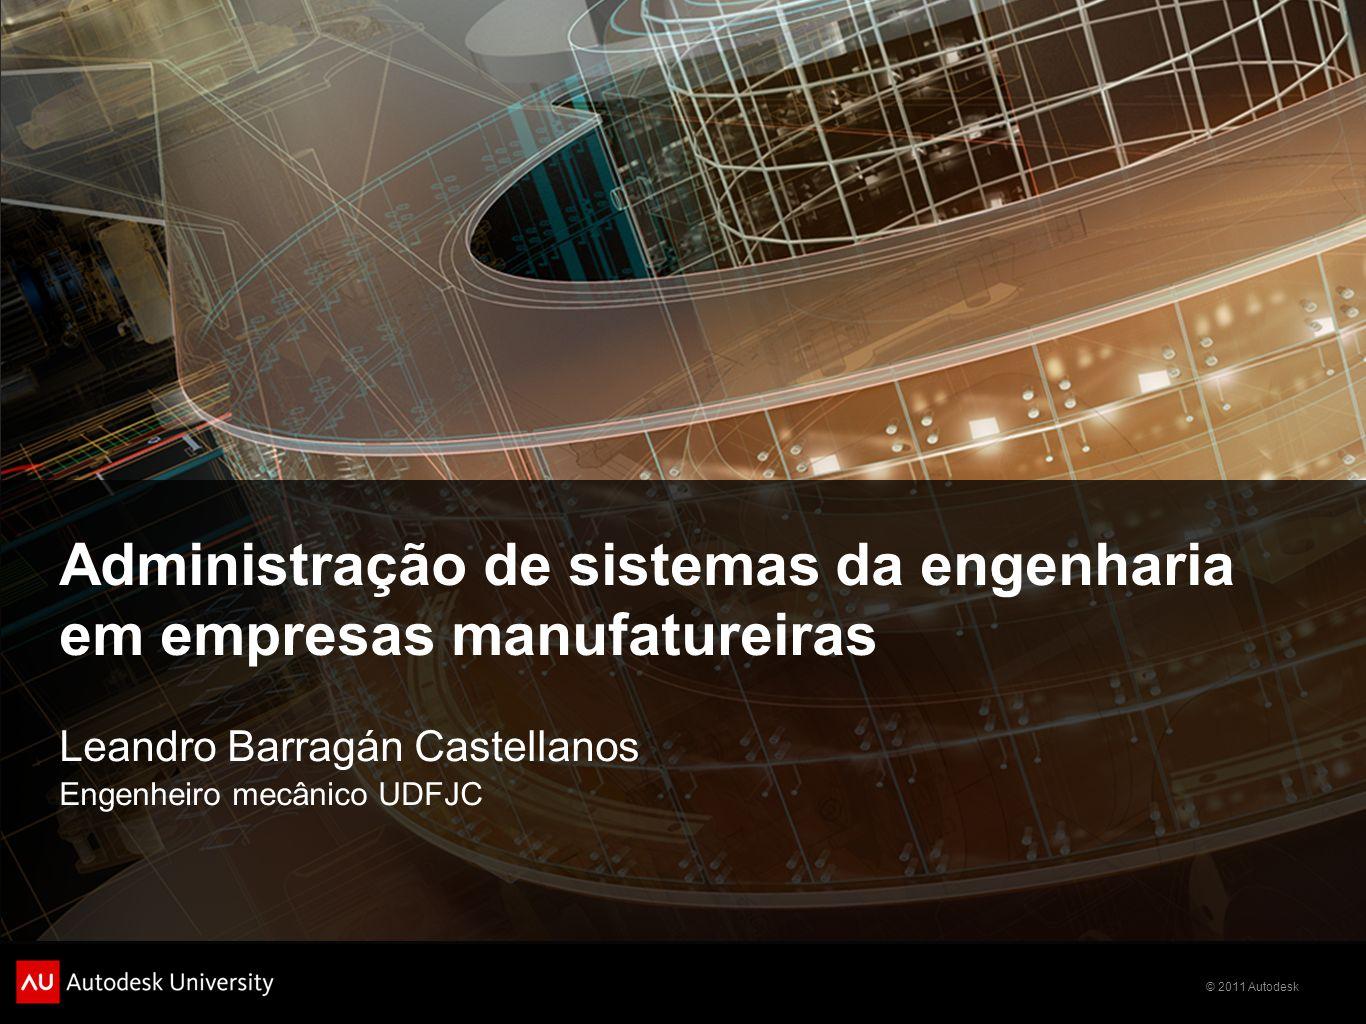 Administração de sistemas da engenharia em empresas manufatureiras